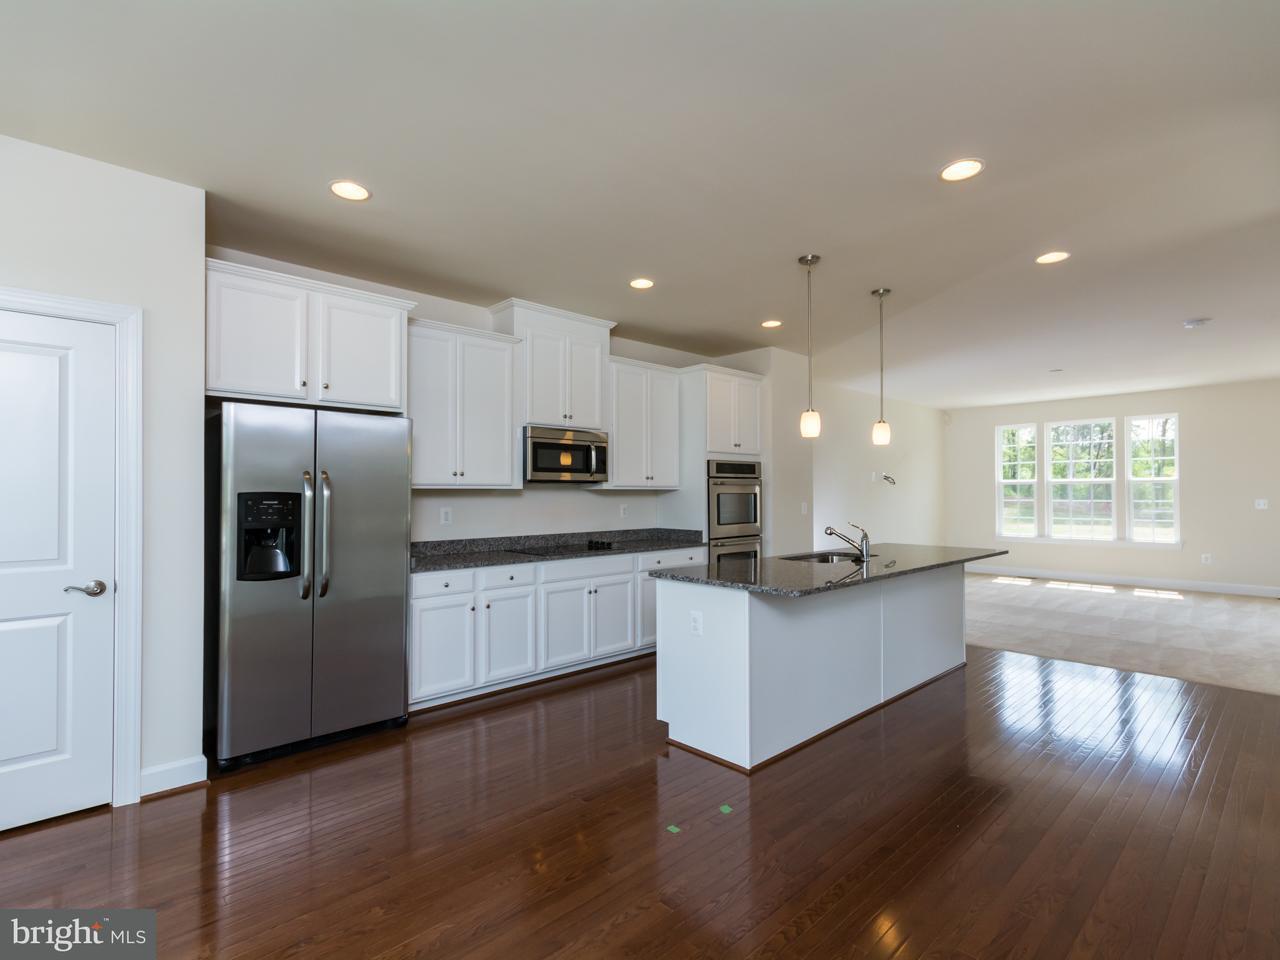 Σπίτι στην πόλη για την Πώληση στο 10744 HINTON WAY 10744 HINTON WAY Manassas, Βιρτζινια 20112 Ηνωμενεσ Πολιτειεσ